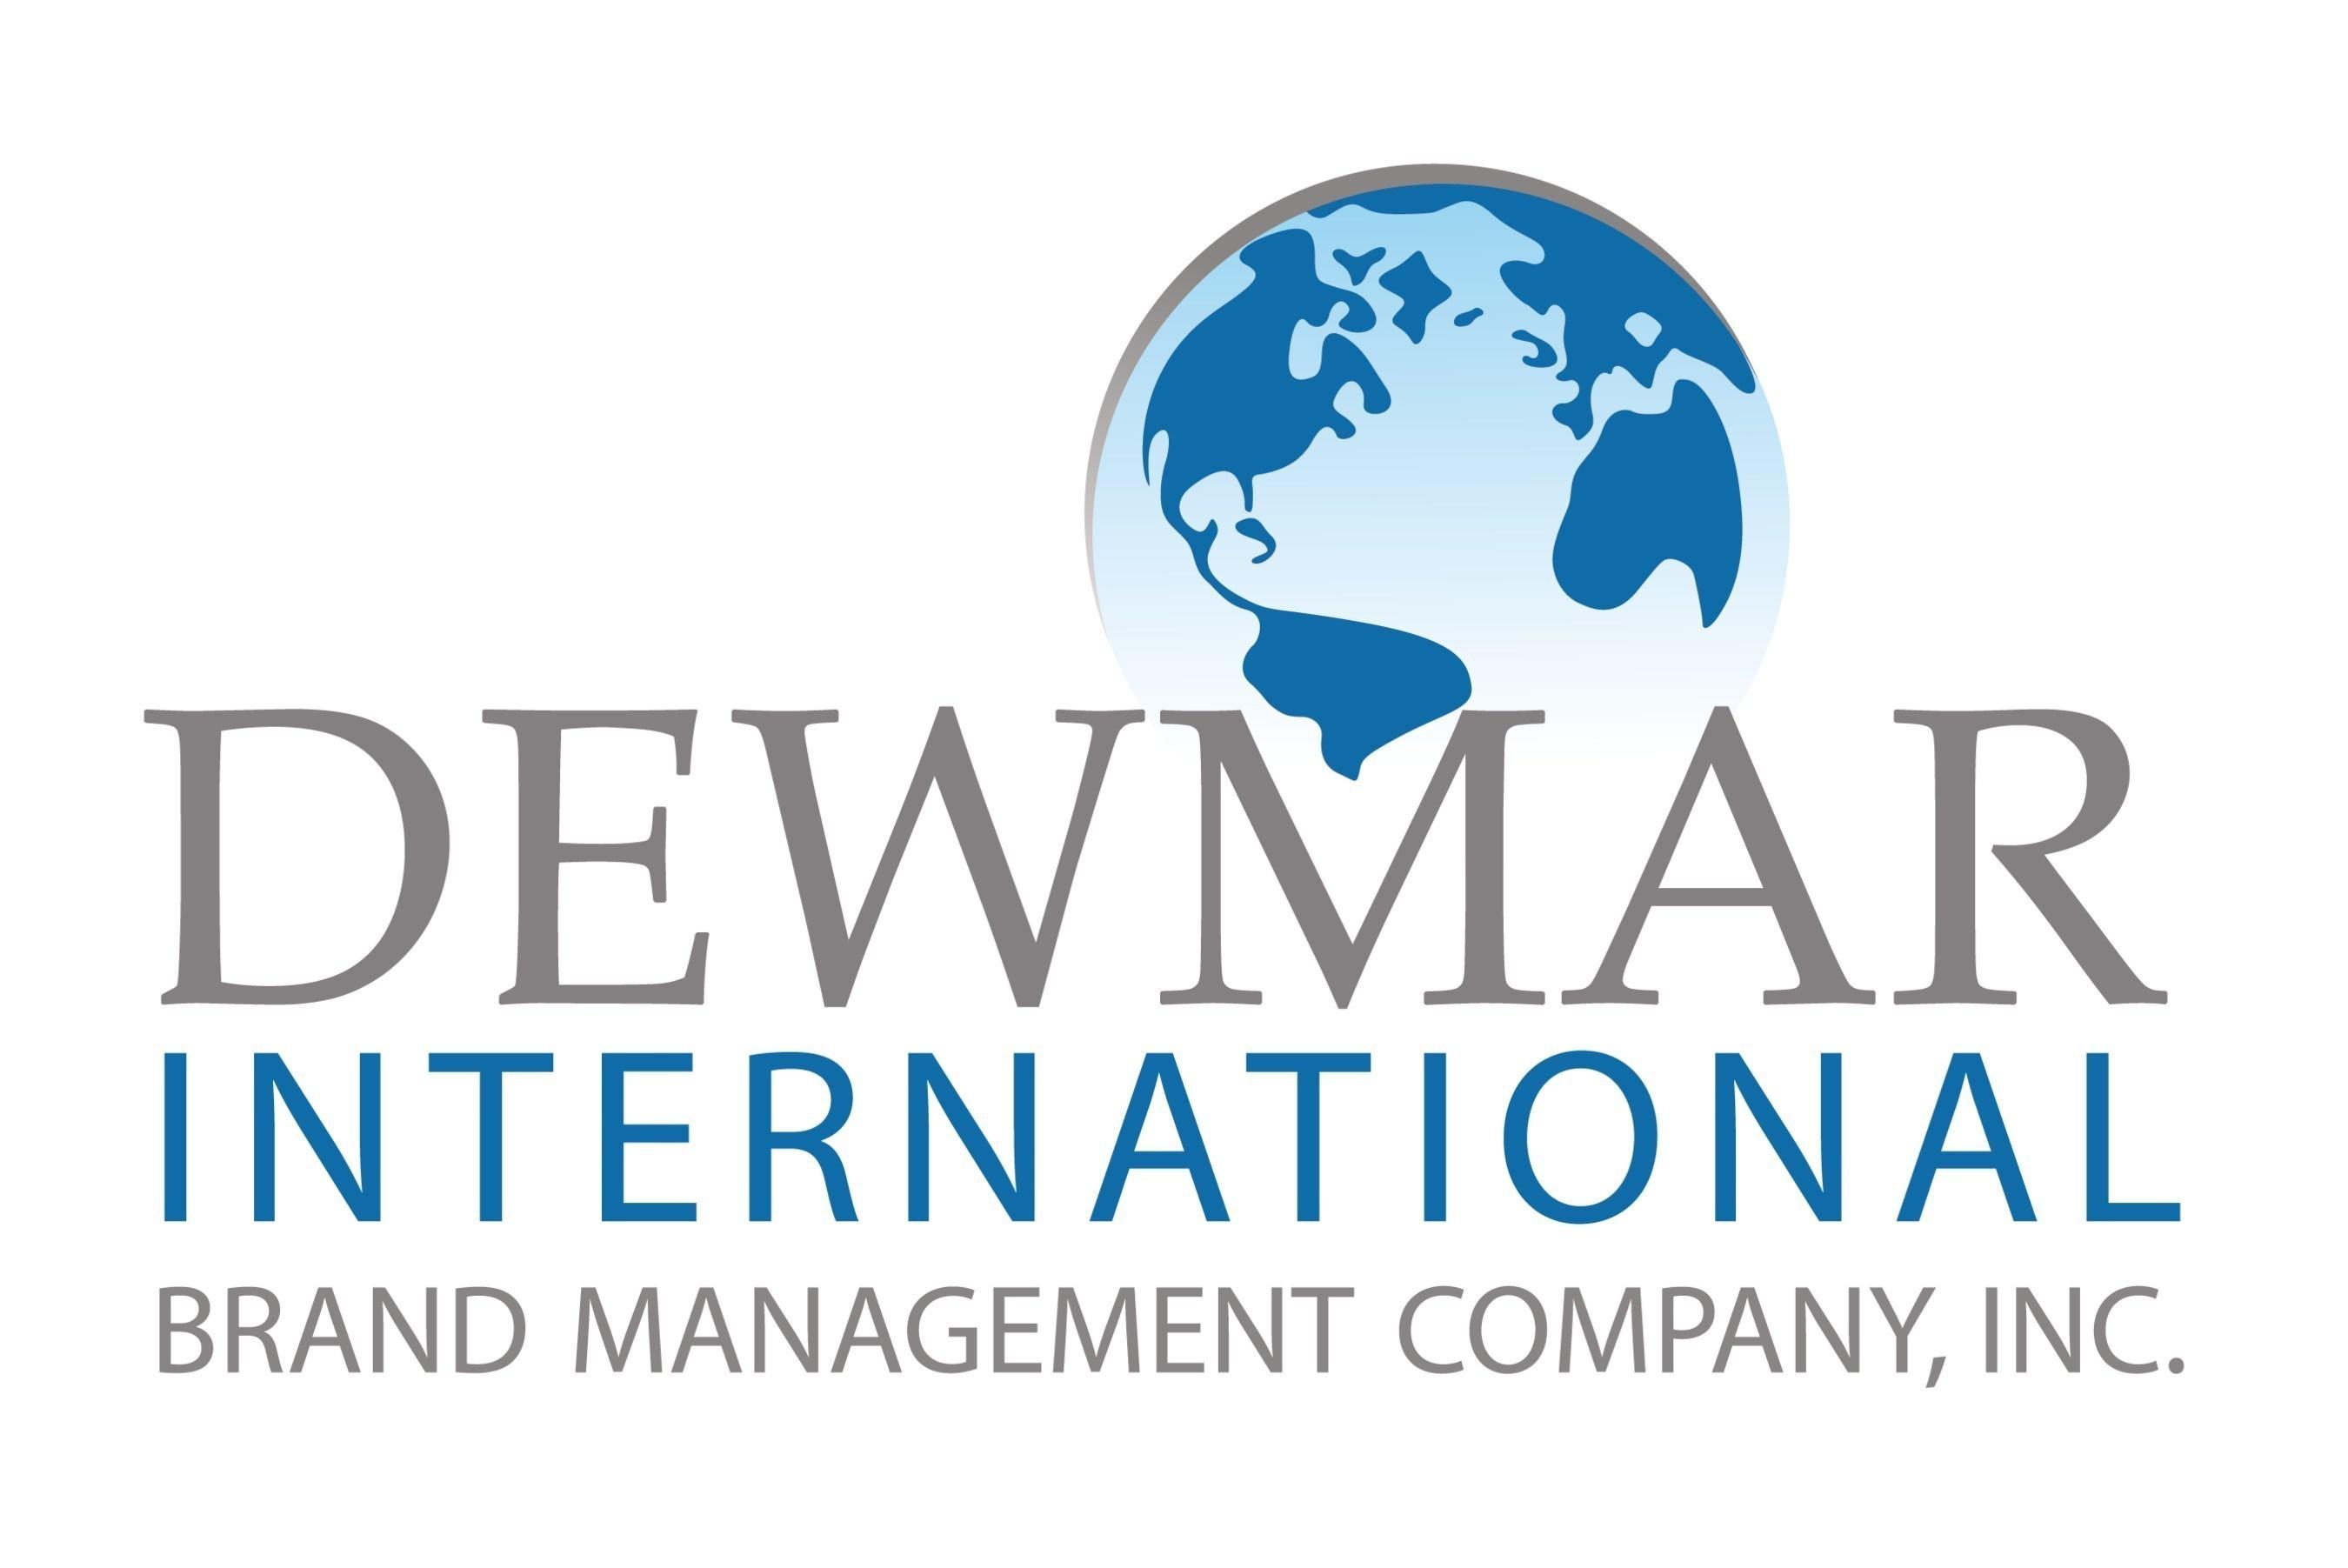 Dewmar International BMC, Inc.